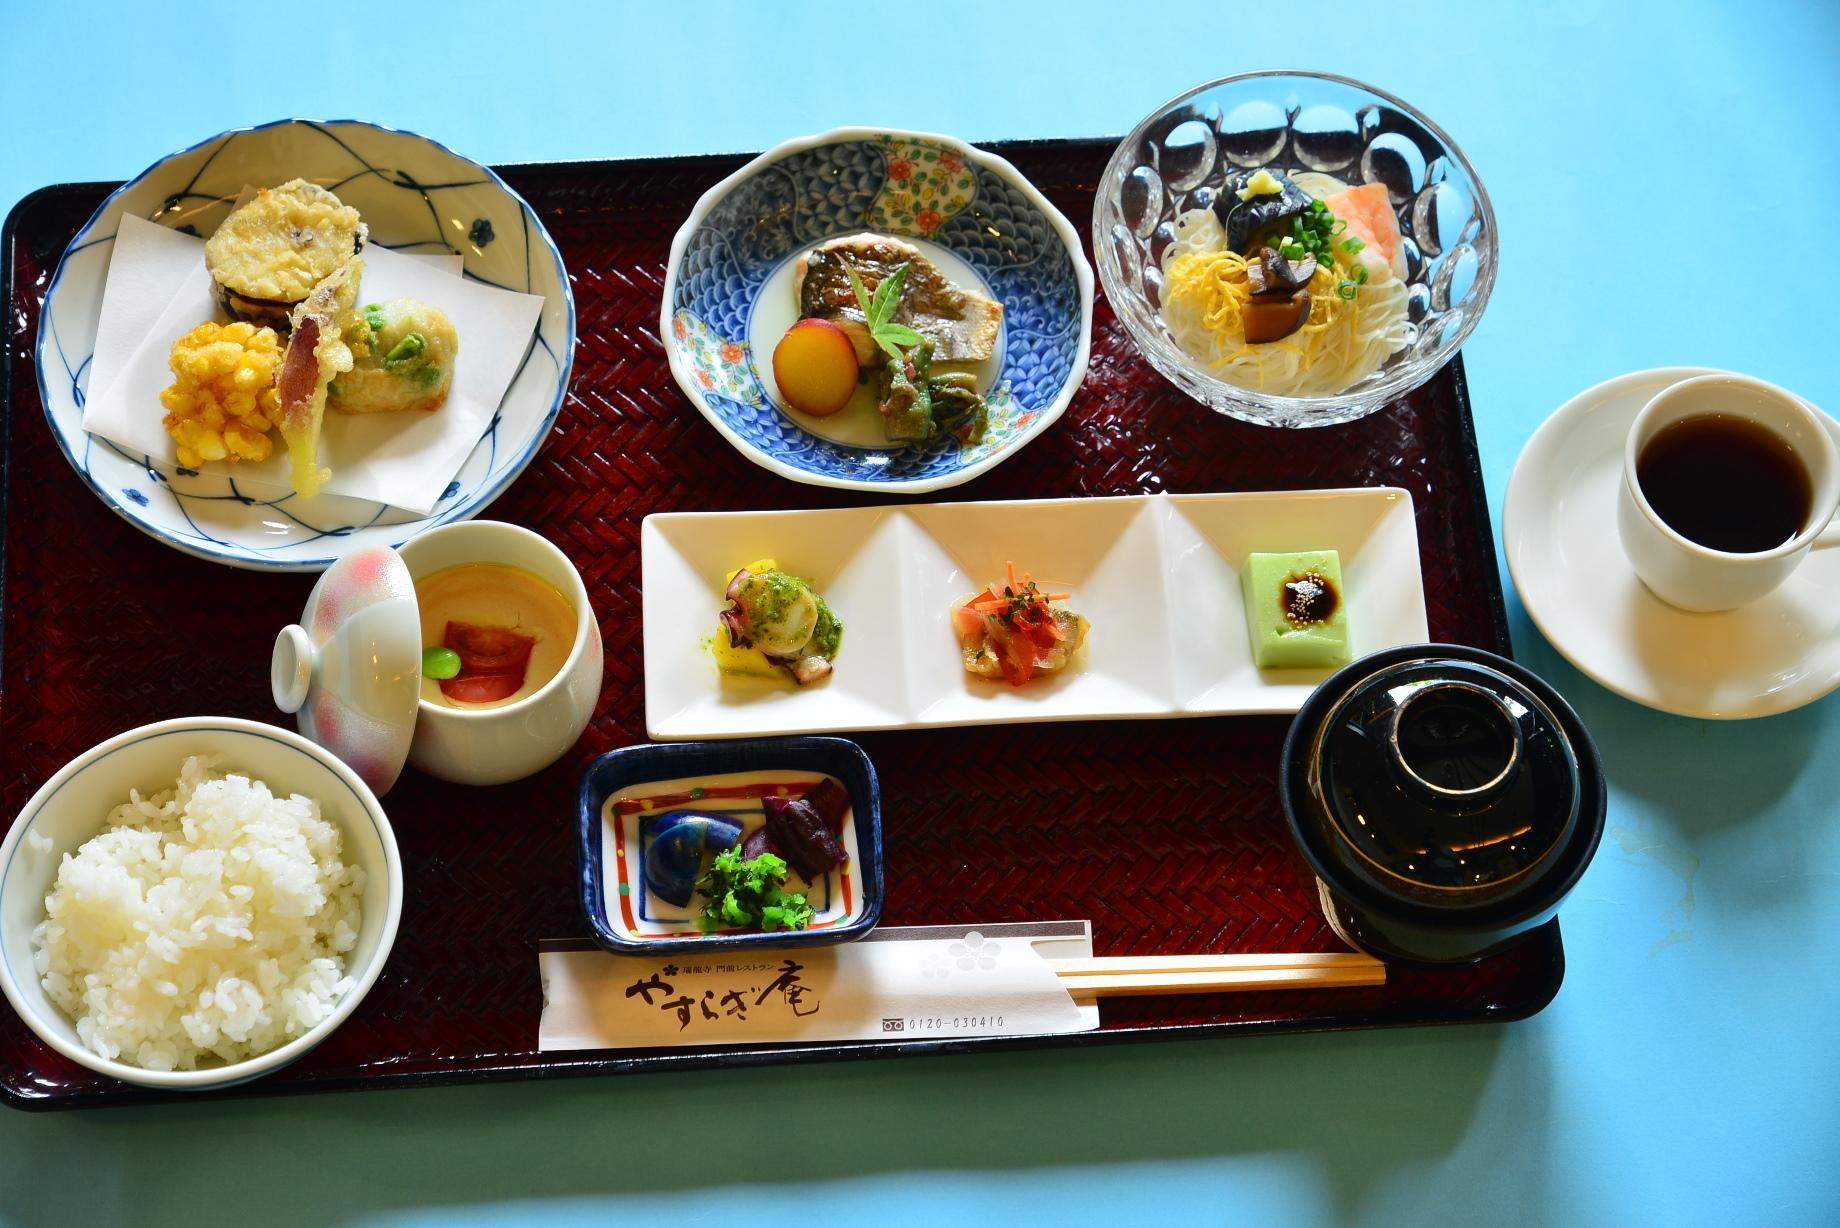 7月 越の国御膳 魚 季節のお造り付